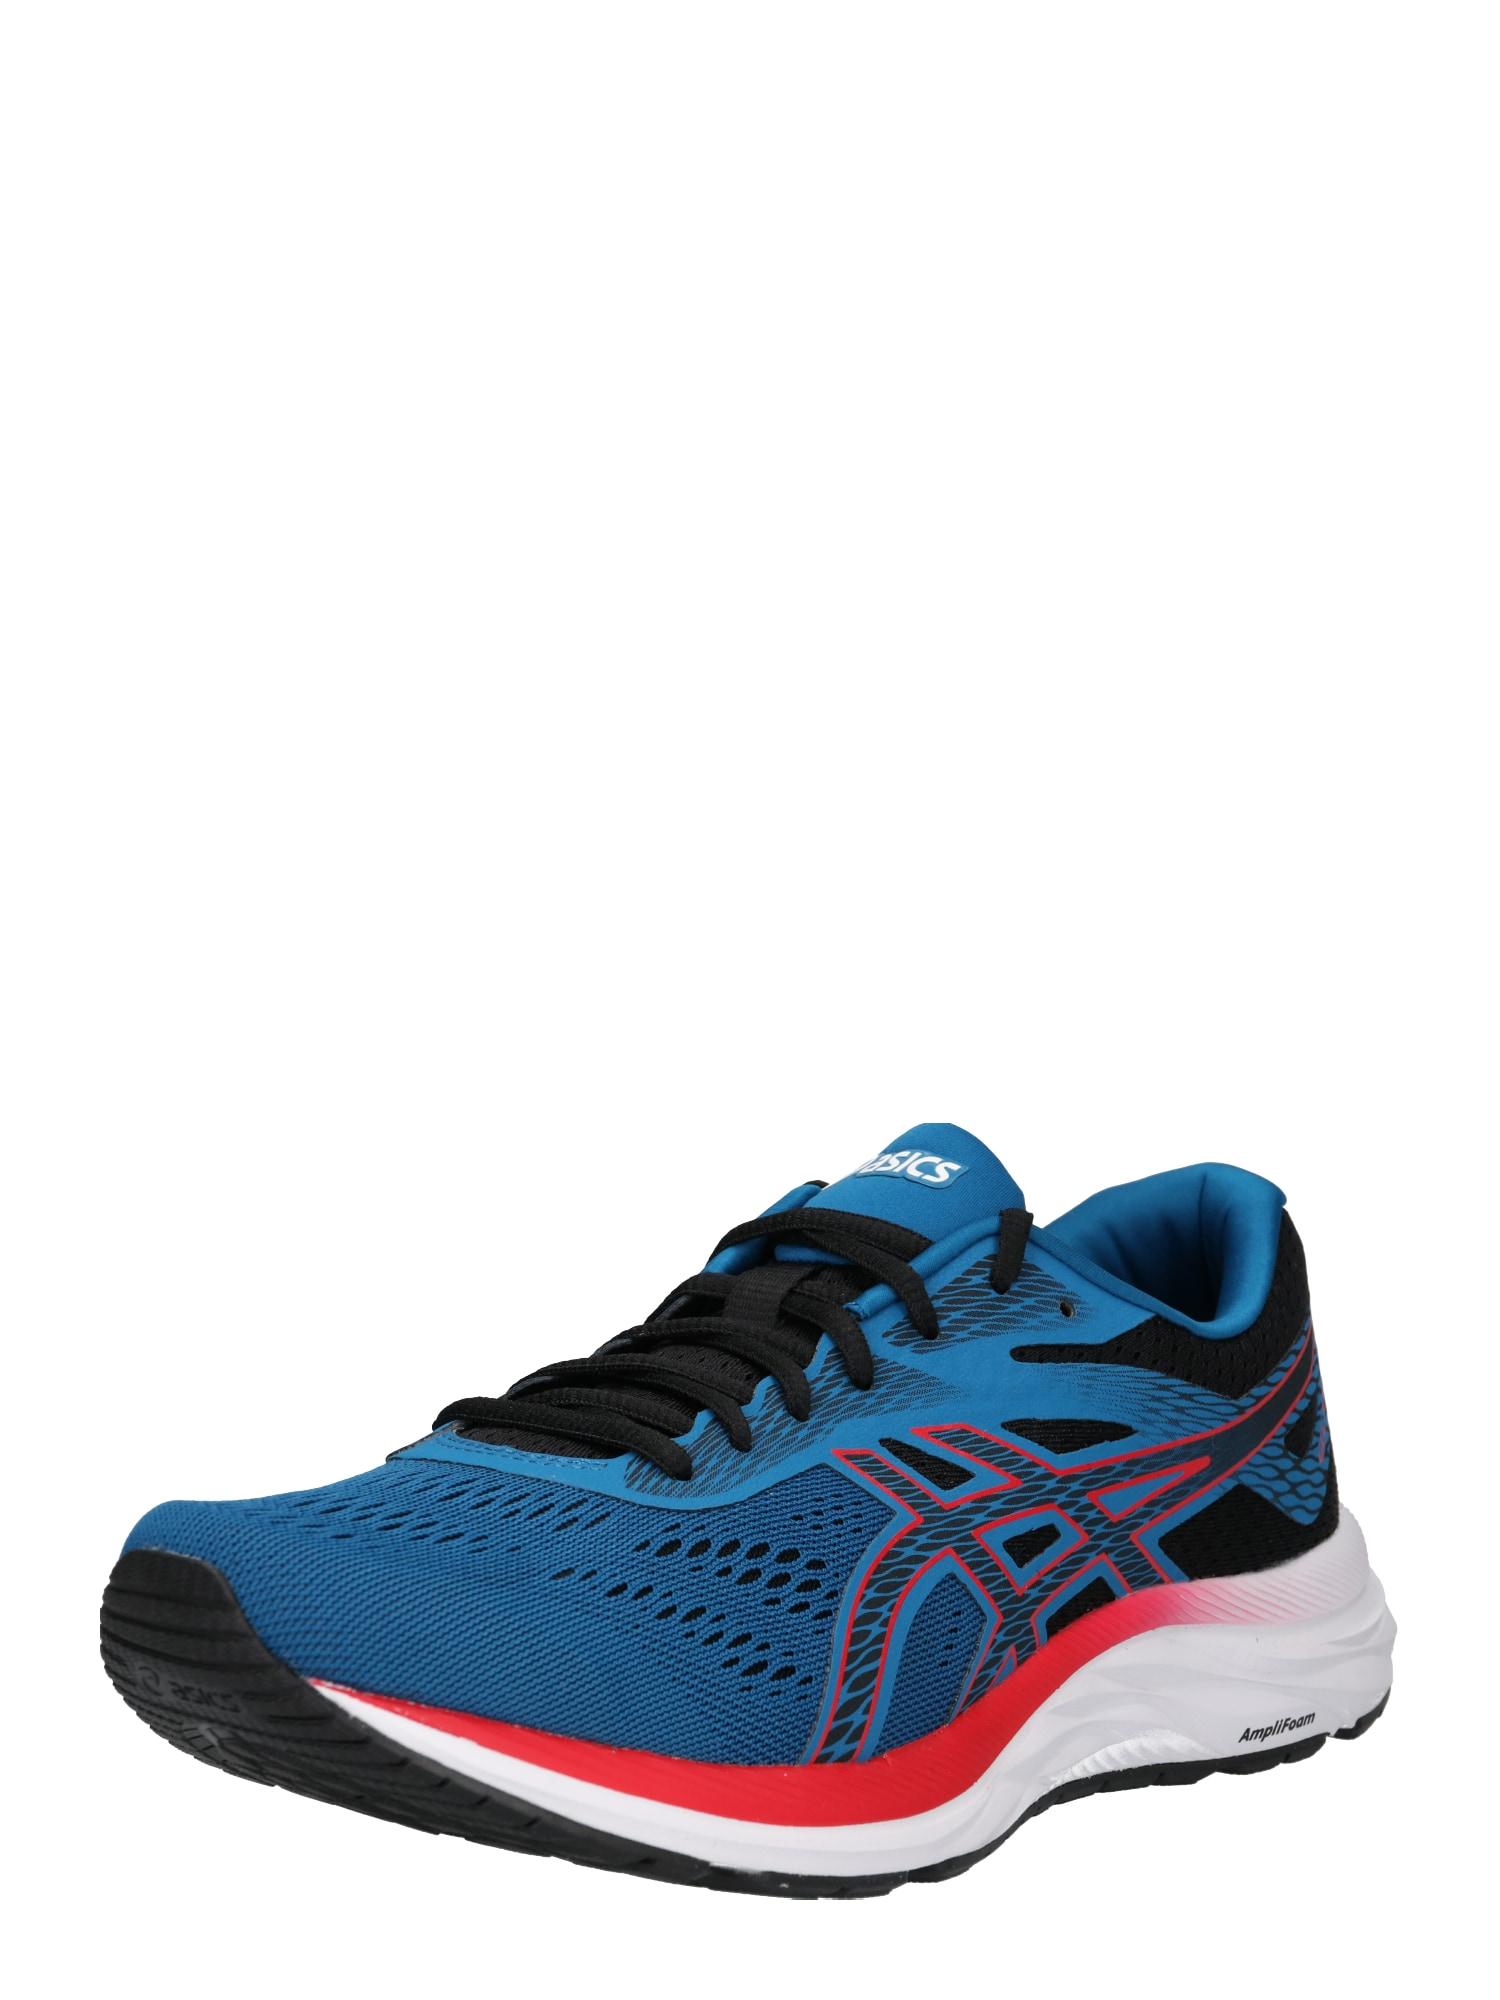 Běžecká obuv GEL-EXCITE 6 modrá červená černá ASICS